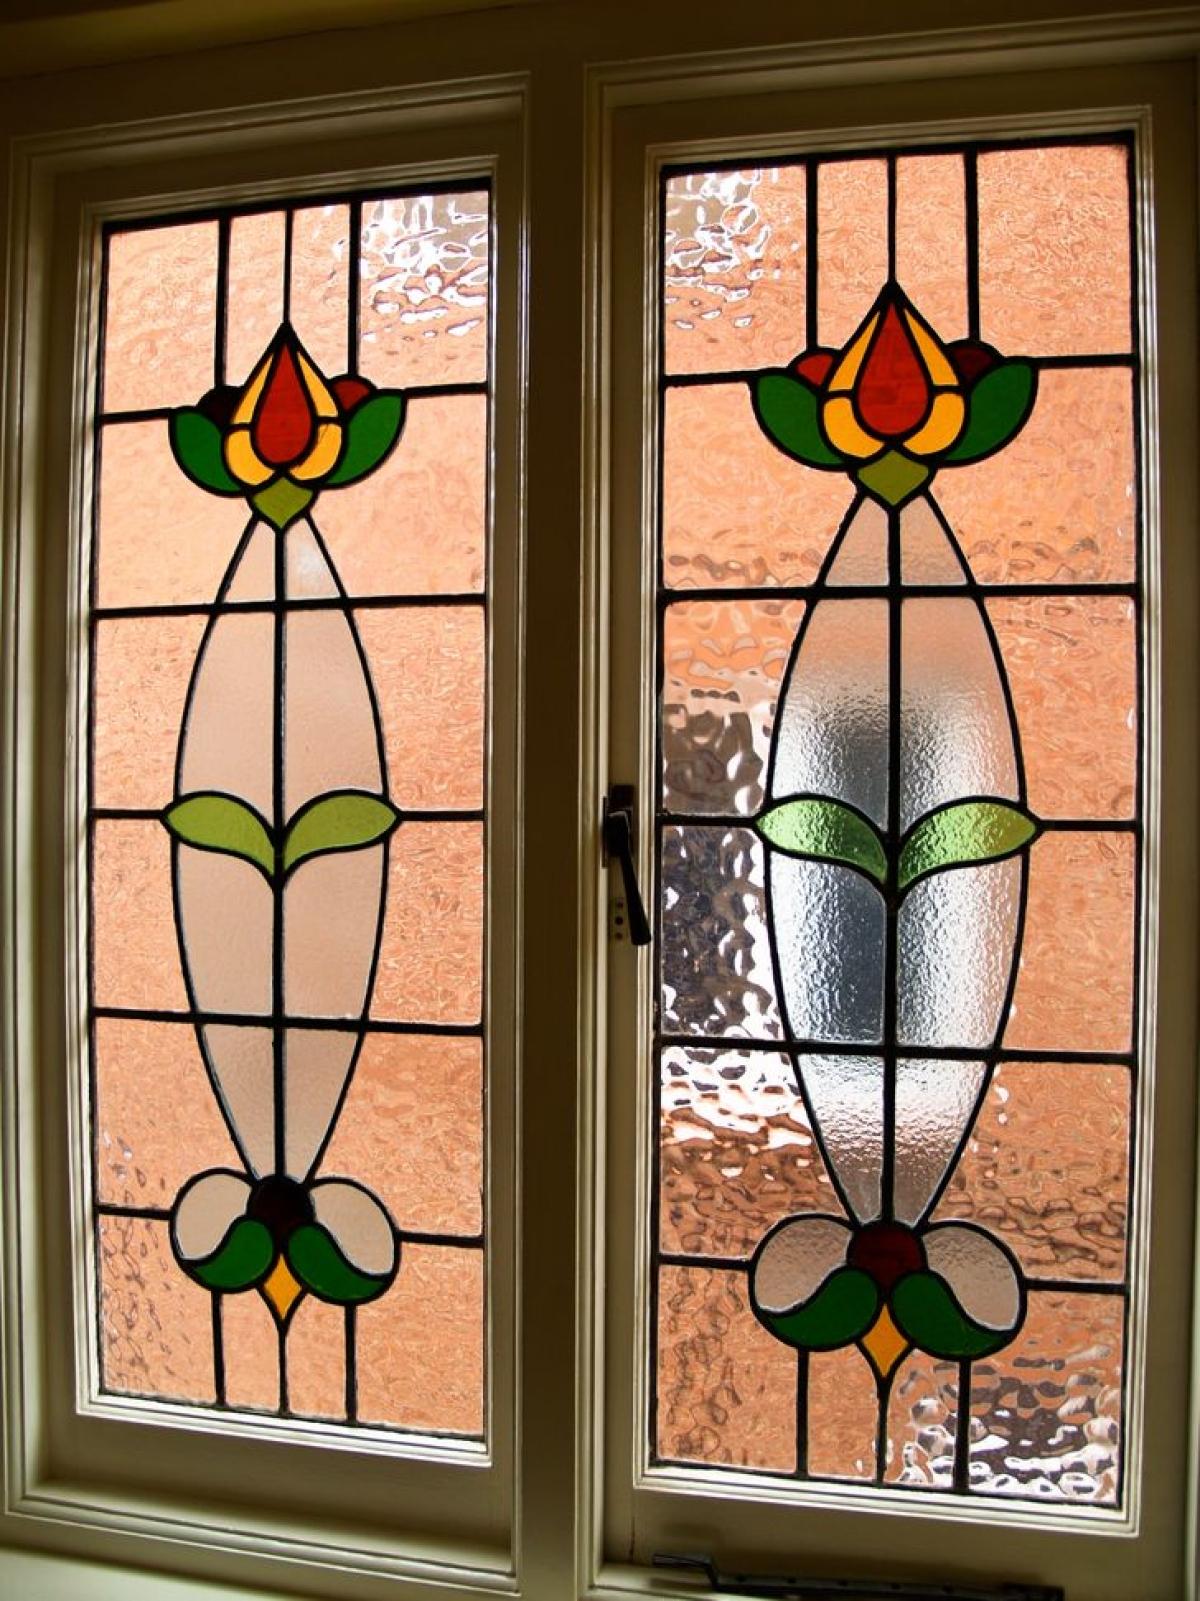 Cửa sổ kính màu: Tất nhiên, không phải cửa sổ nào cũng có thể làm được bằng kính màu. Nhưng nếu có cơ hội, tại sao không sử dụng nó? Tùy chọn này là hoàn hảo cho các cửa sổ nhỏ ở phía đầy nắng của ngôi nhà. Cửa sổ kính màu làm cho không gian bên trong cảm thấy ấm cúng và làm cho căn phòng trông rộng hơn.